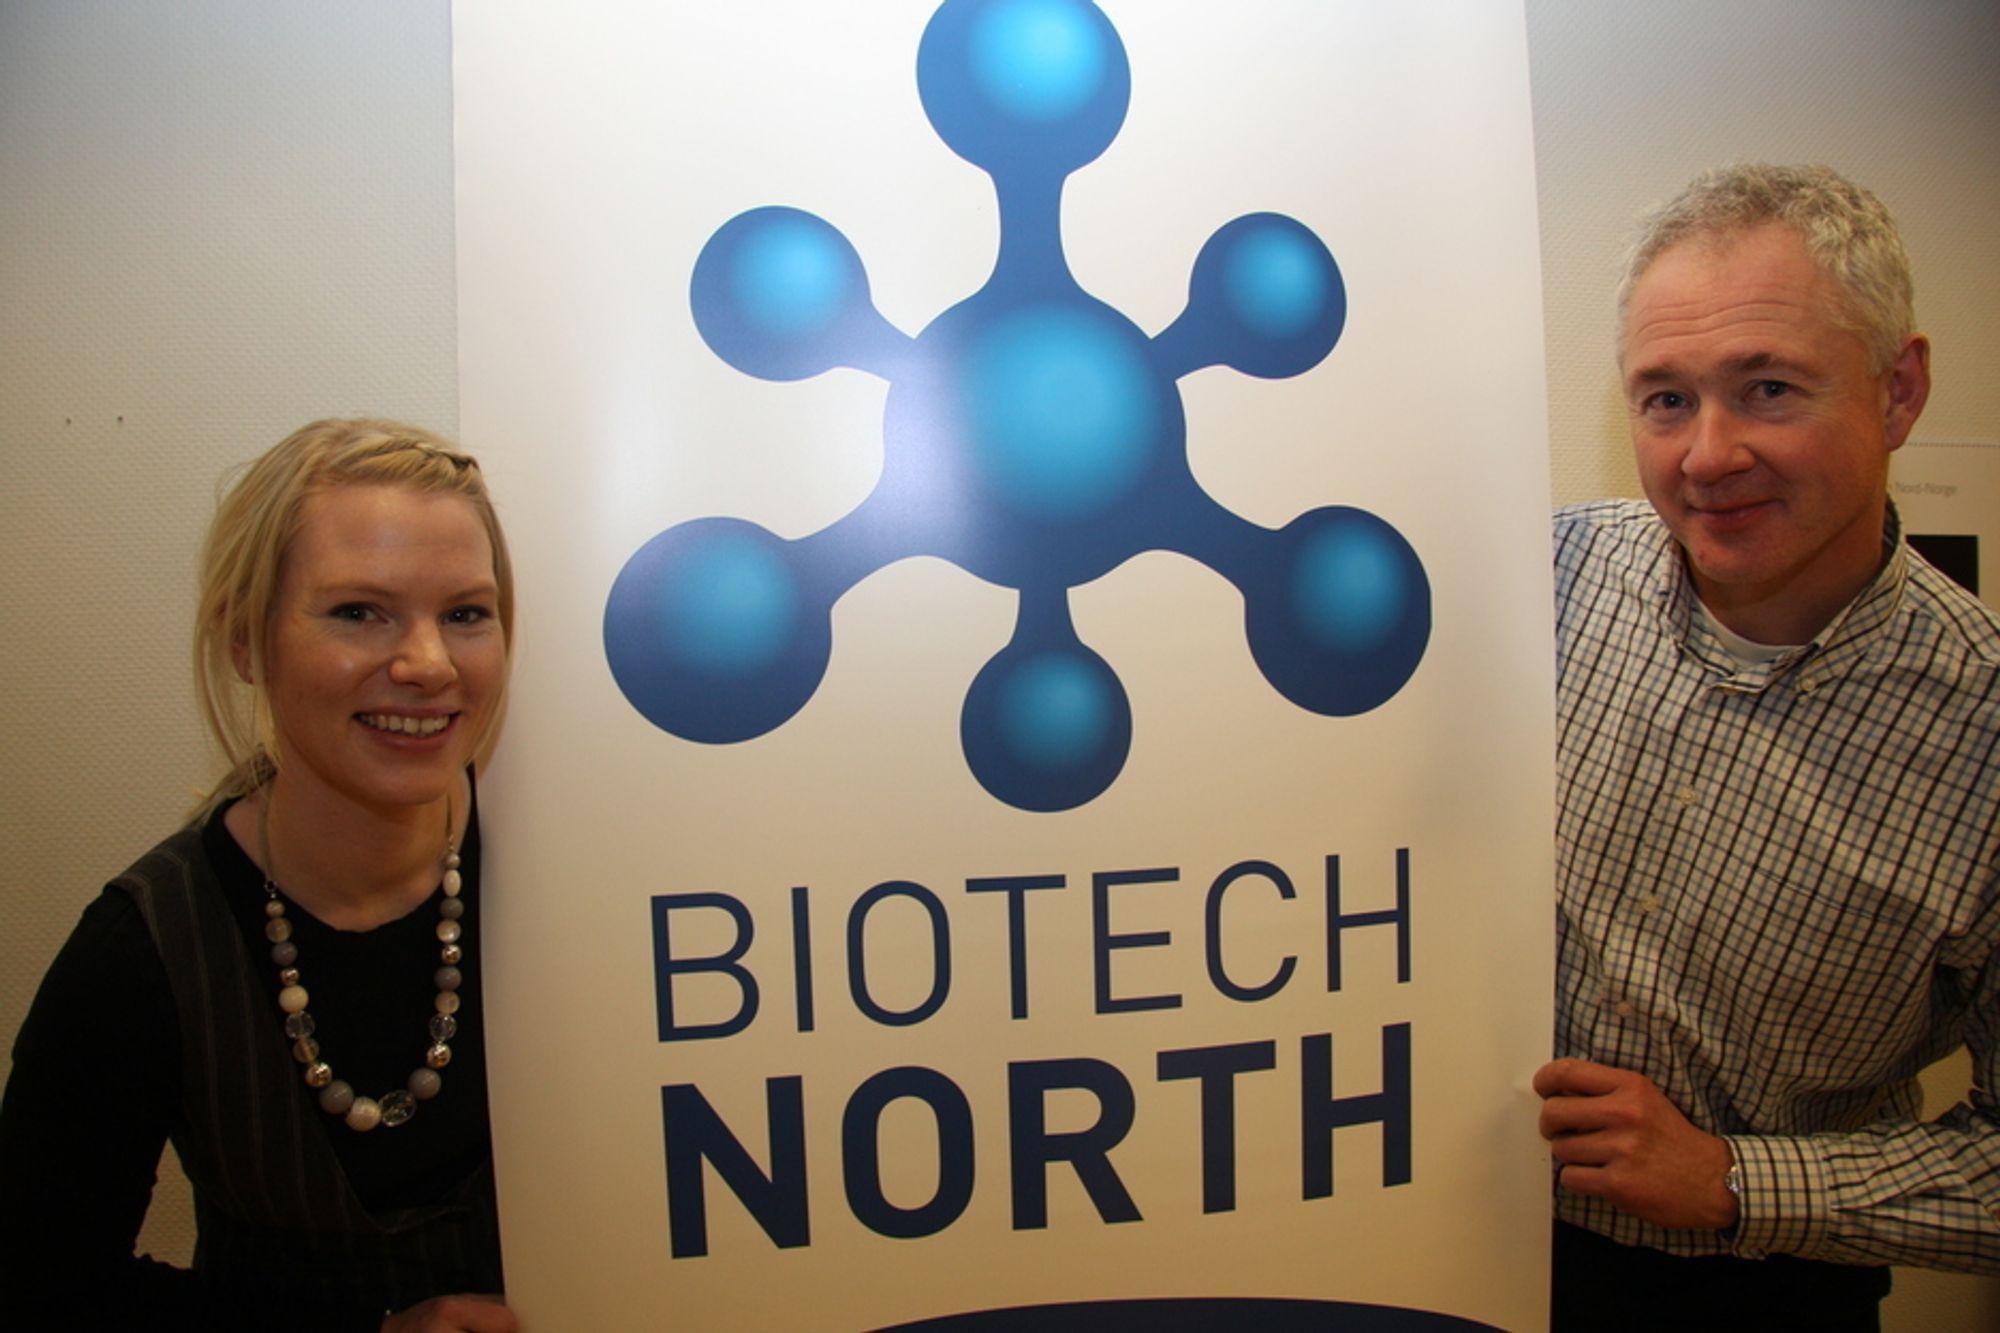 PROFILERER BIOTEKNOLOGI:-Vi skal samle, styrke og profilere bioteknologi-bedriftene i Tromsø-regionen, sier Ernst Kloosterman og Line Bøe Setså i Biotech North.